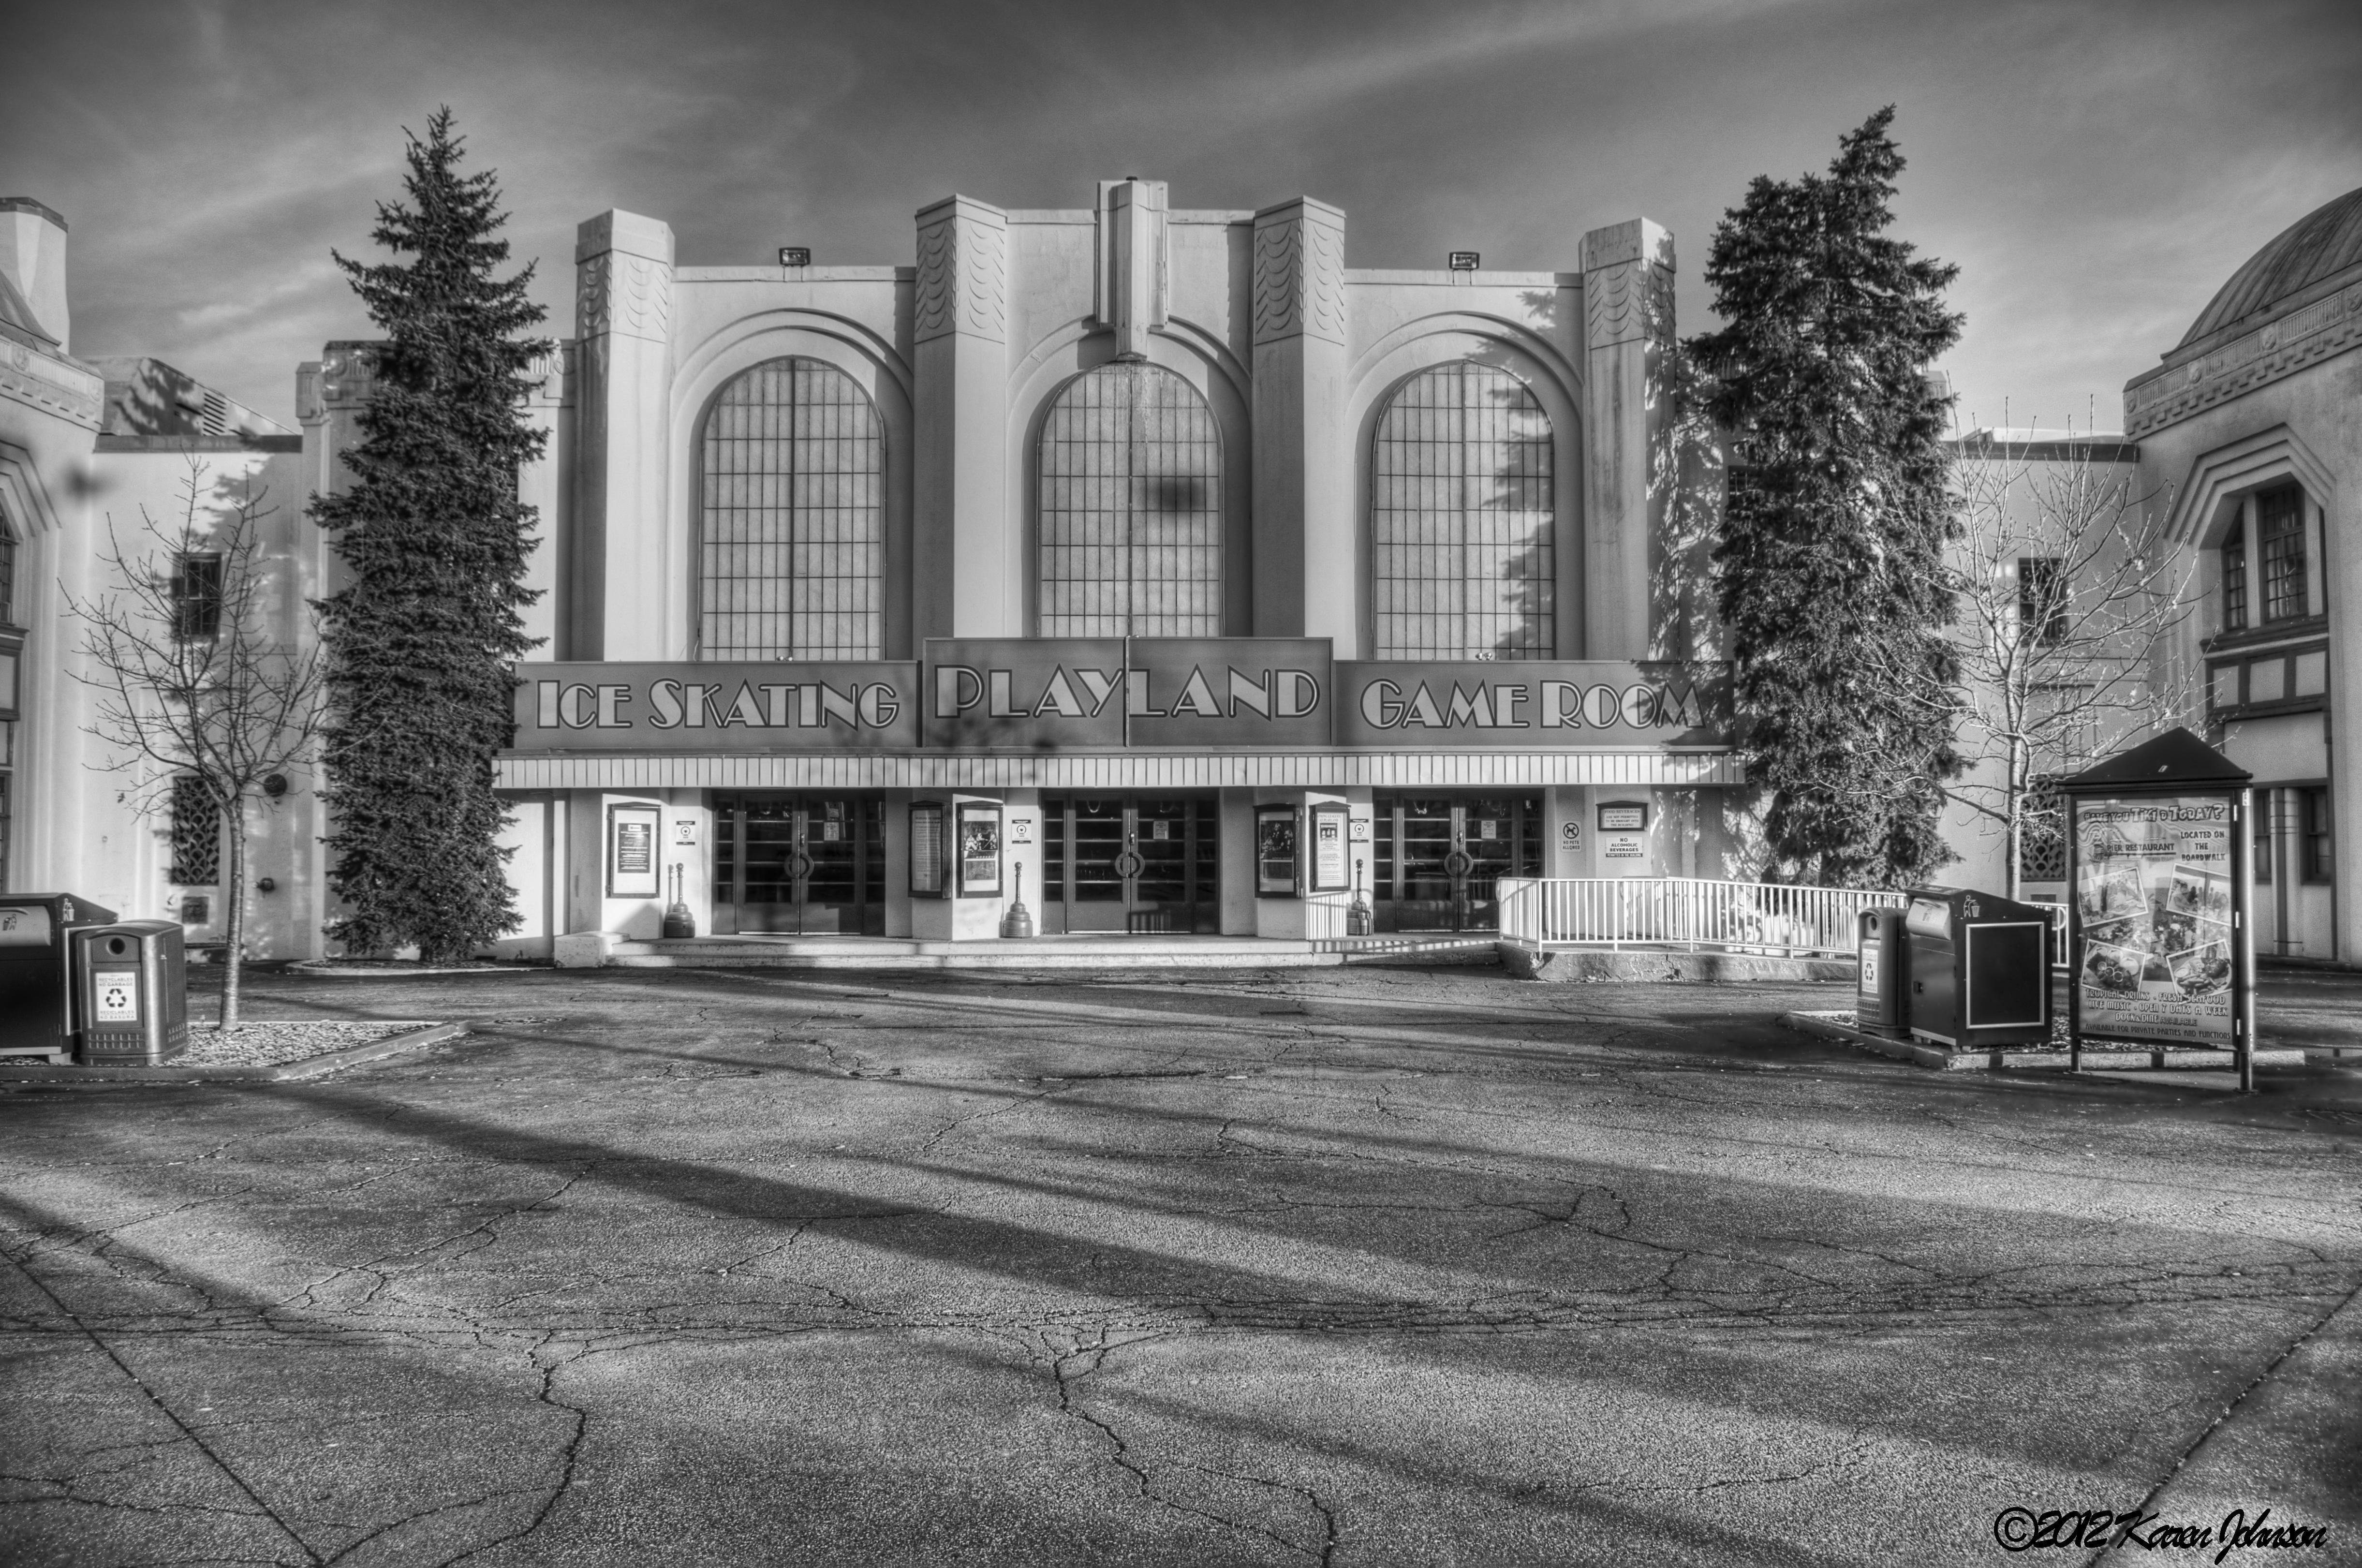 Rye ice casino playland